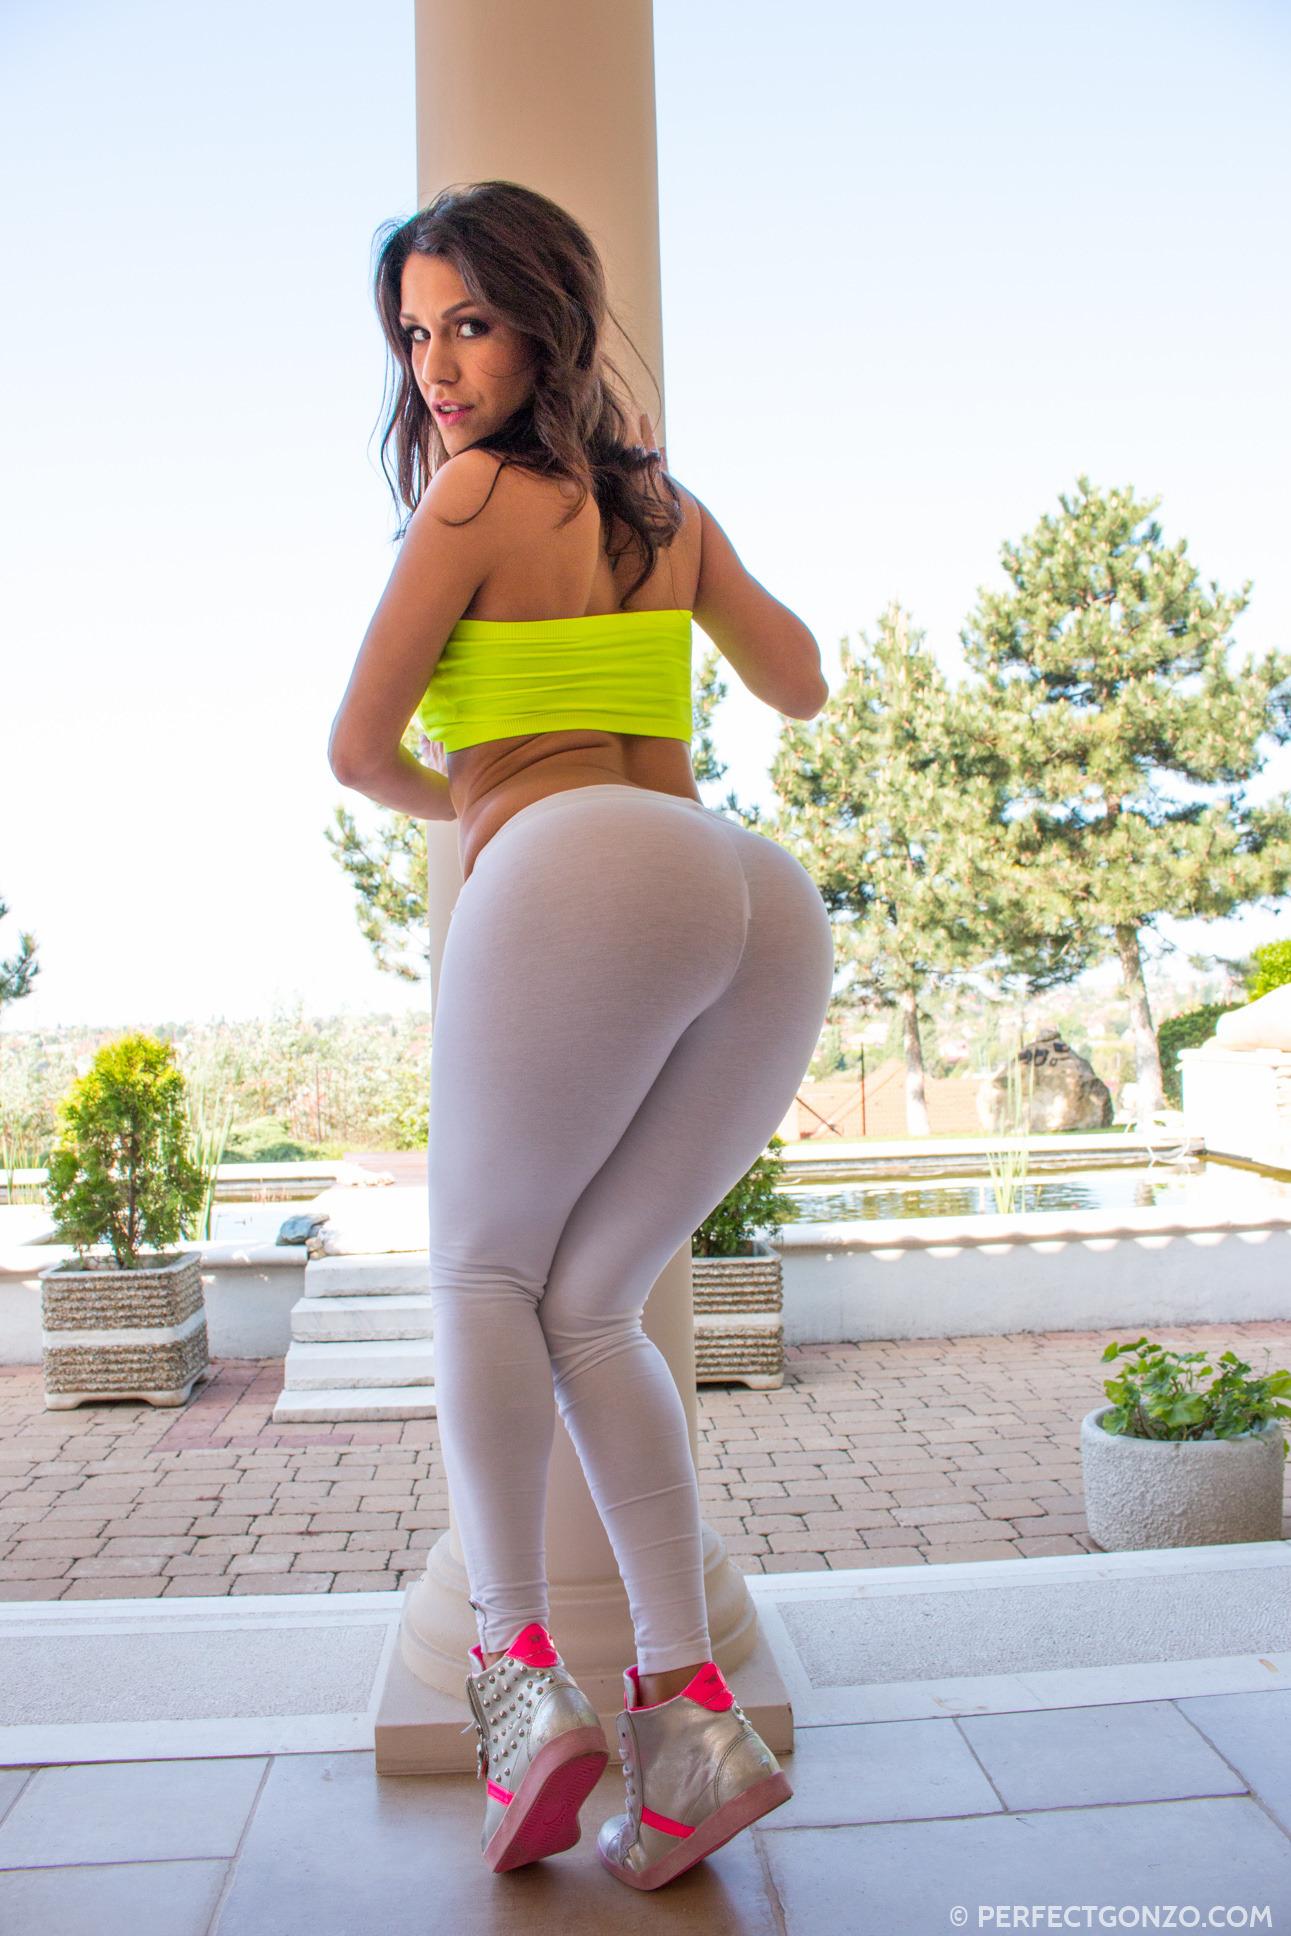 Samia Duarte Fanclub - Busty Pornstar